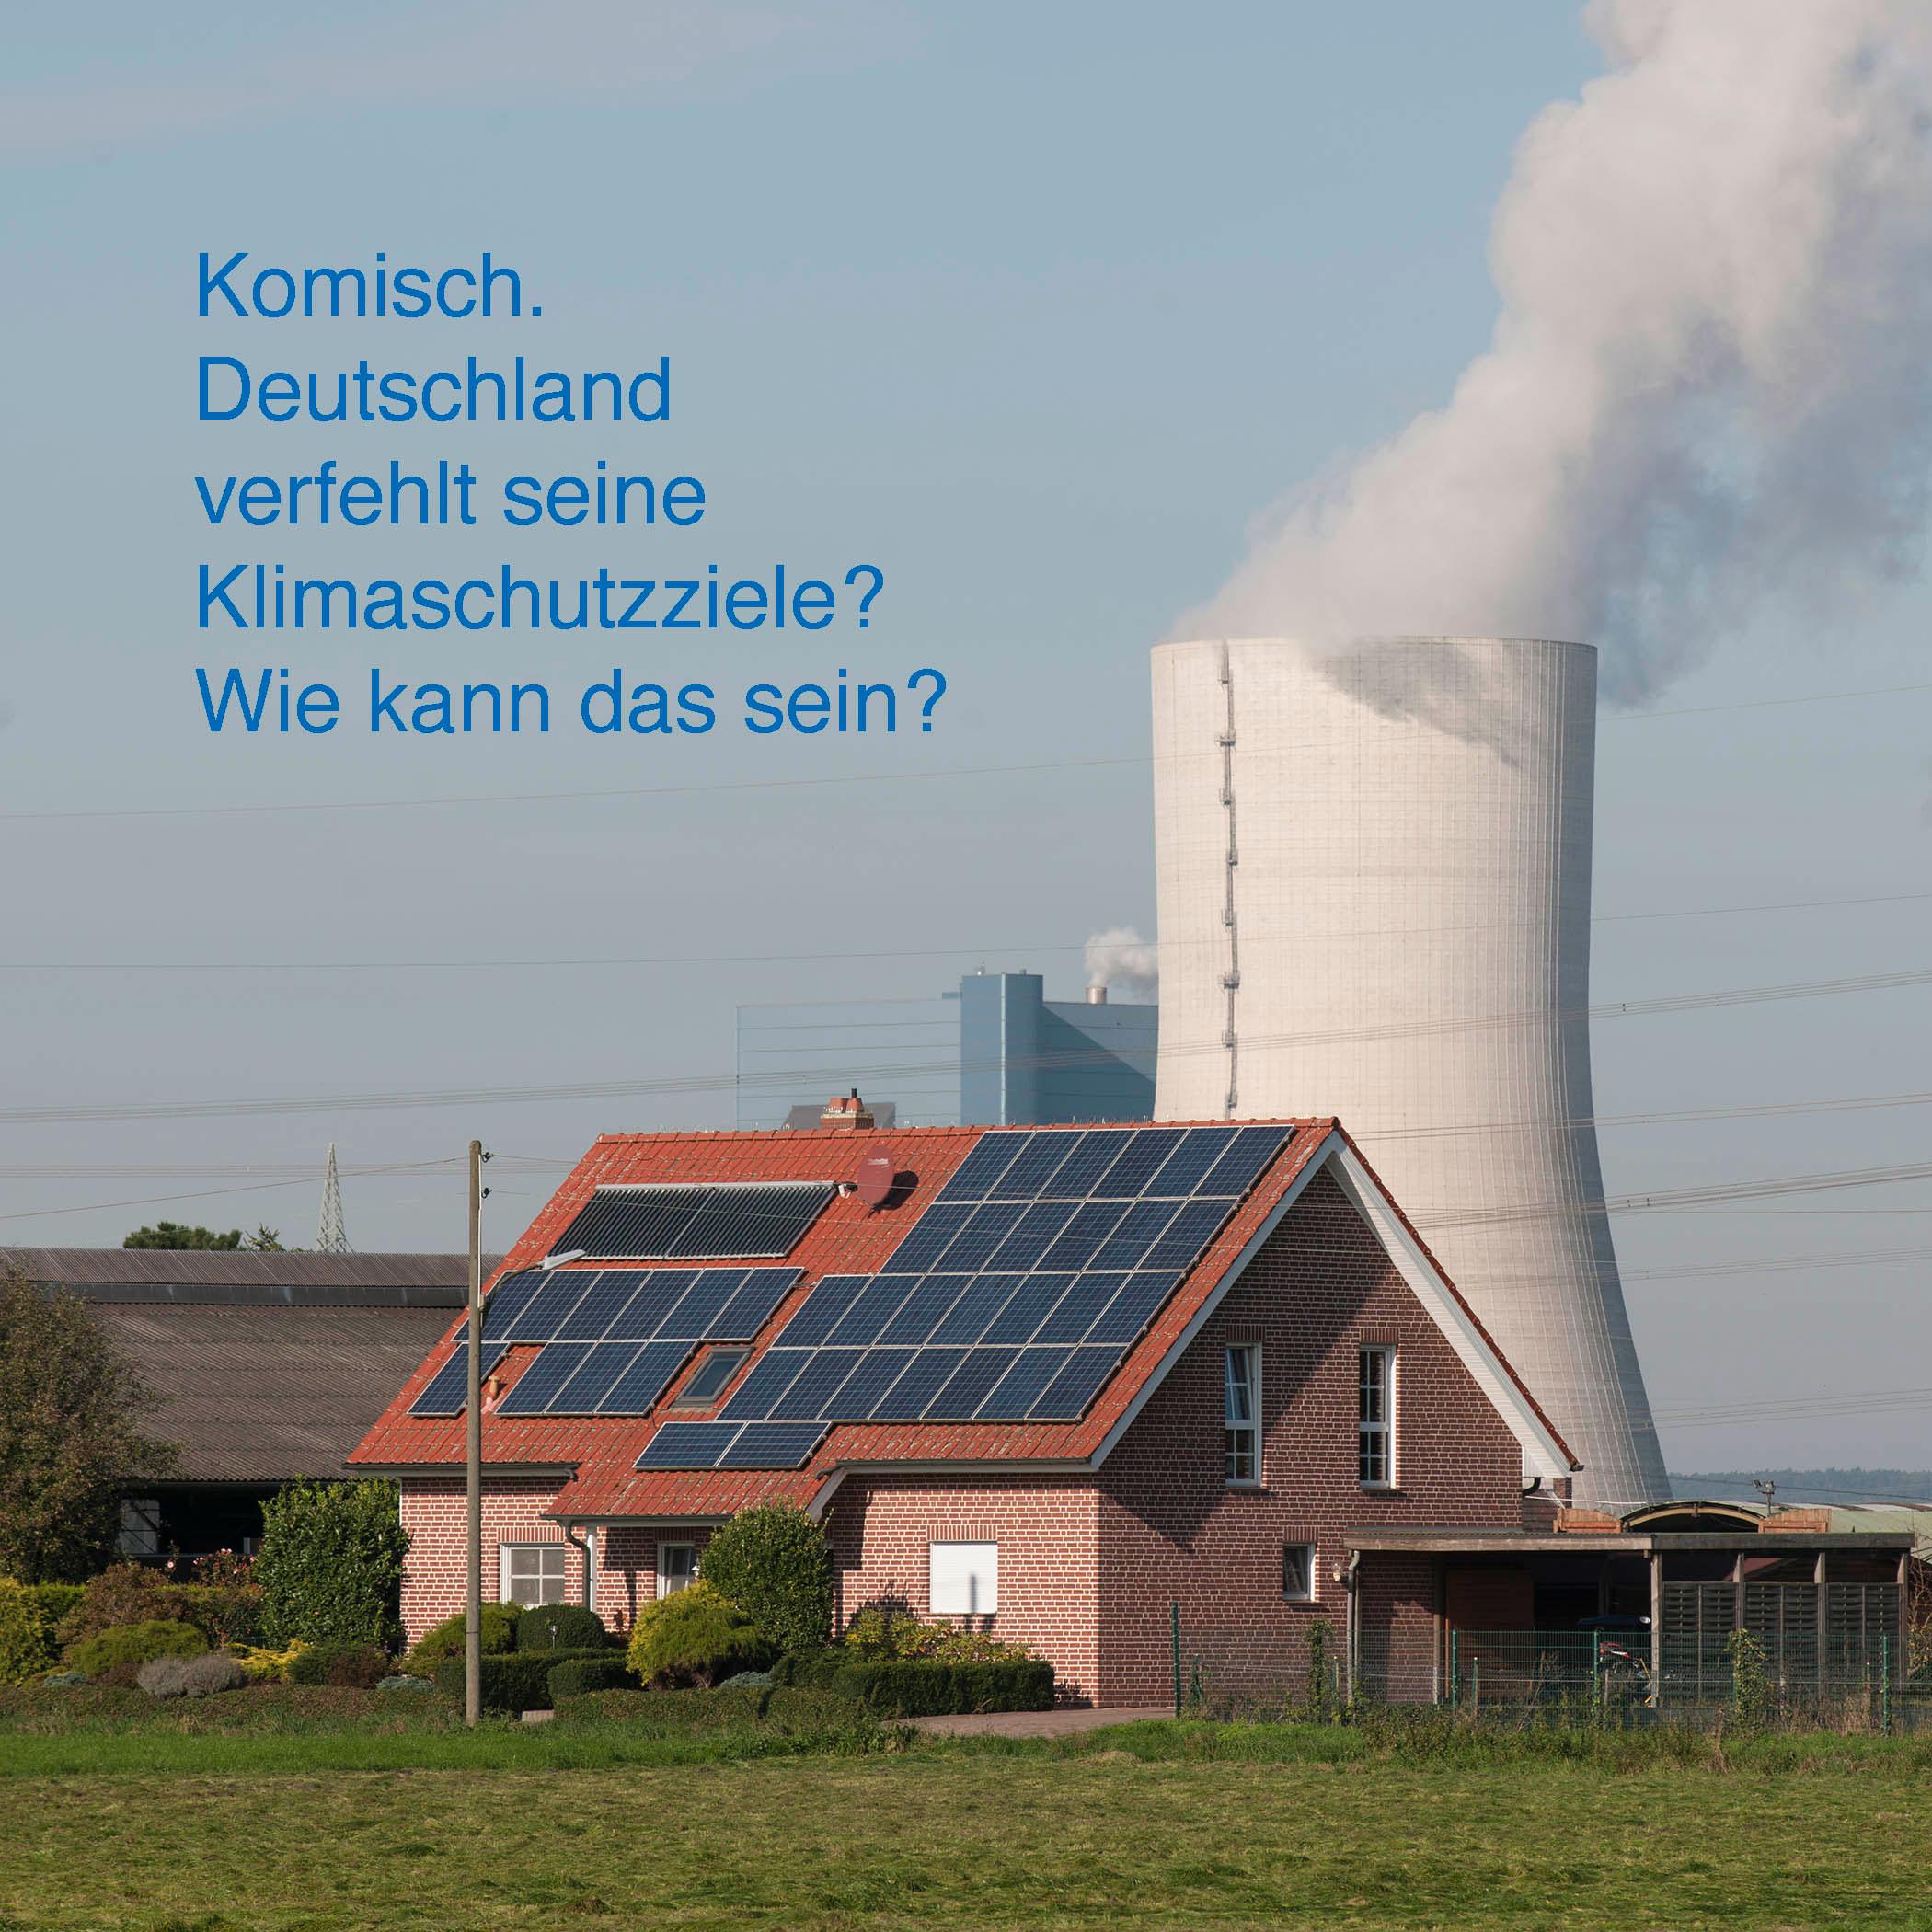 Deutschland verfehlt seine Klimaschutzziele